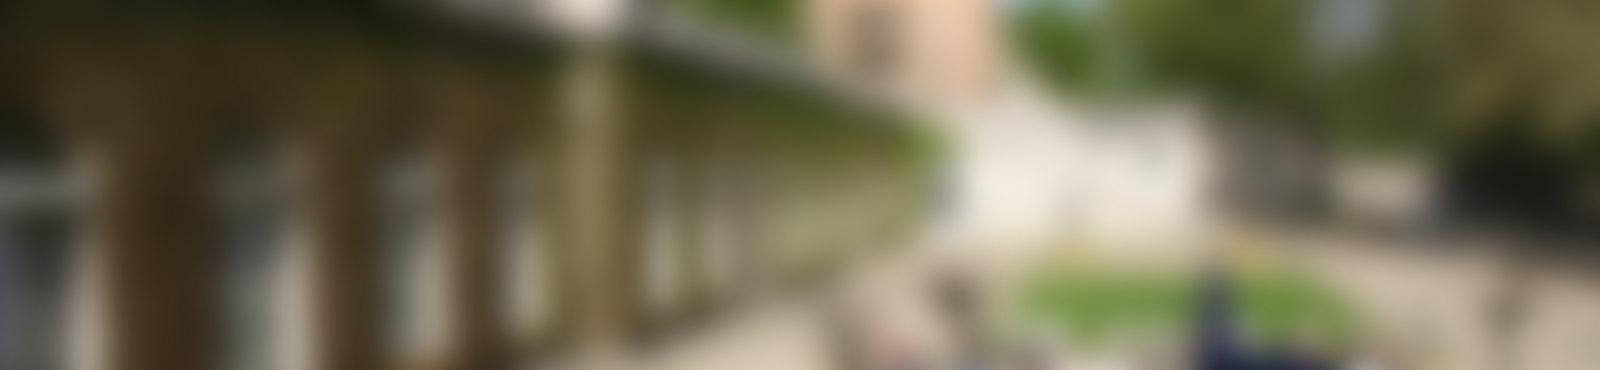 Blurred caf im koernerpark neukoelln